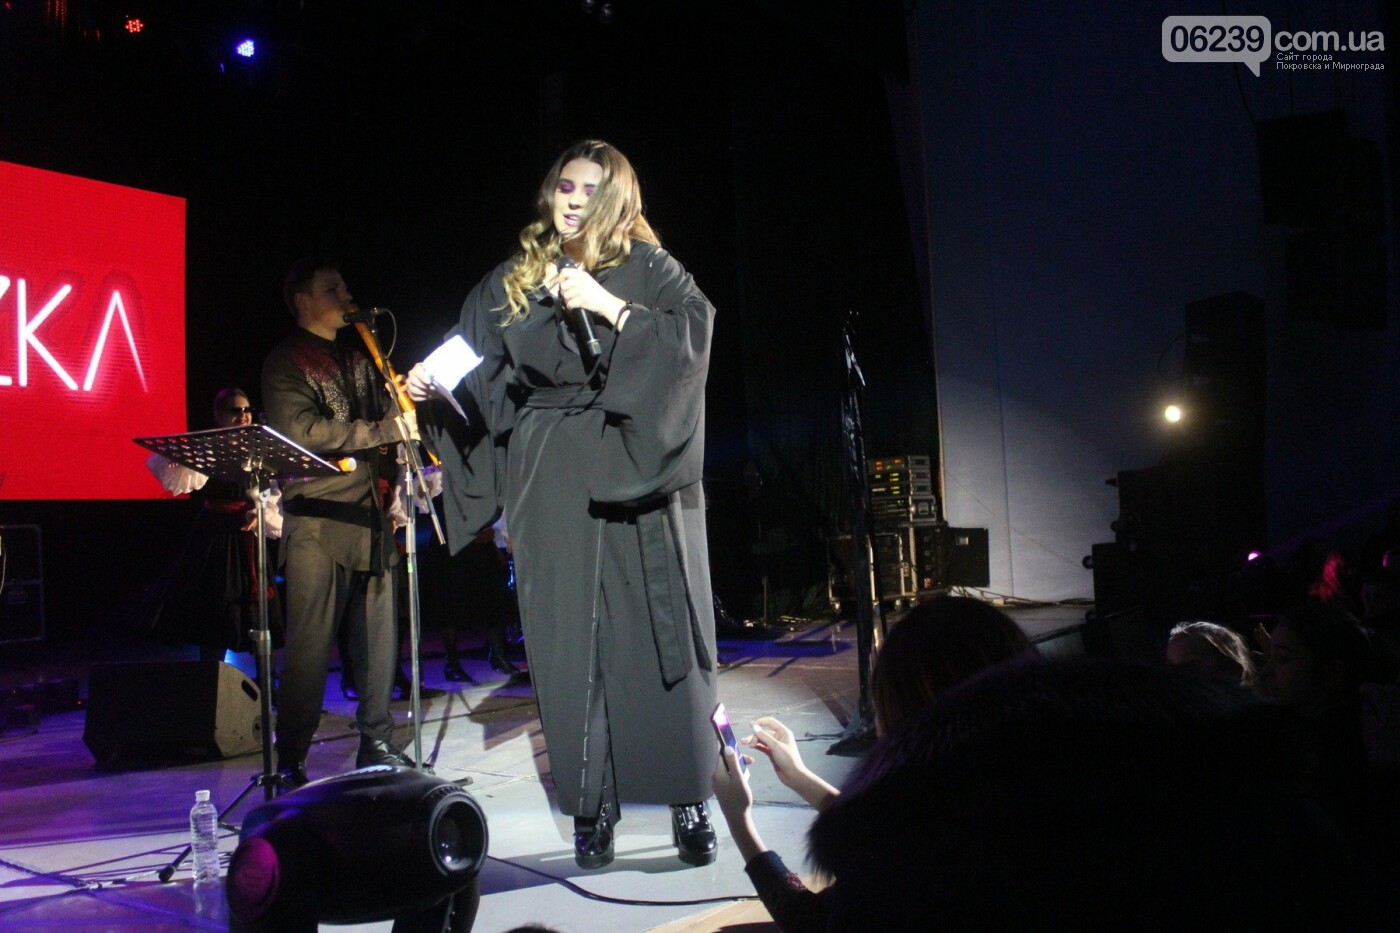 В Покровске выступила популярная украинская группа KAZKA, фото-14